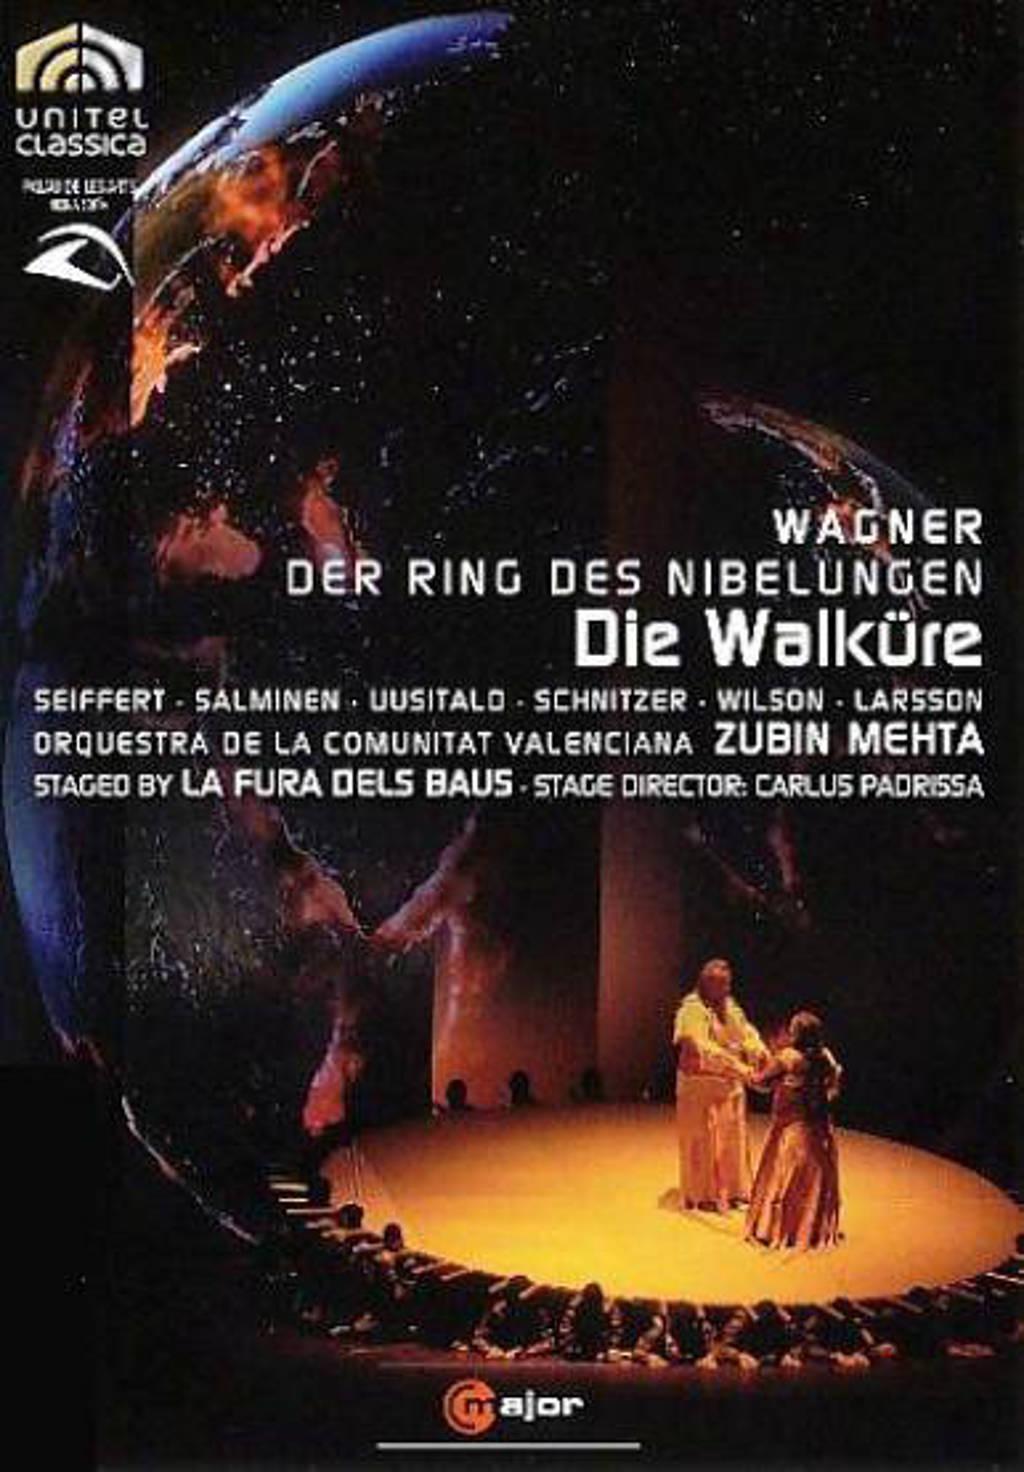 Uusitalo, Seiffert, Schnitzer,Wilso - Die Walkure,Valencia 2008 (DVD)